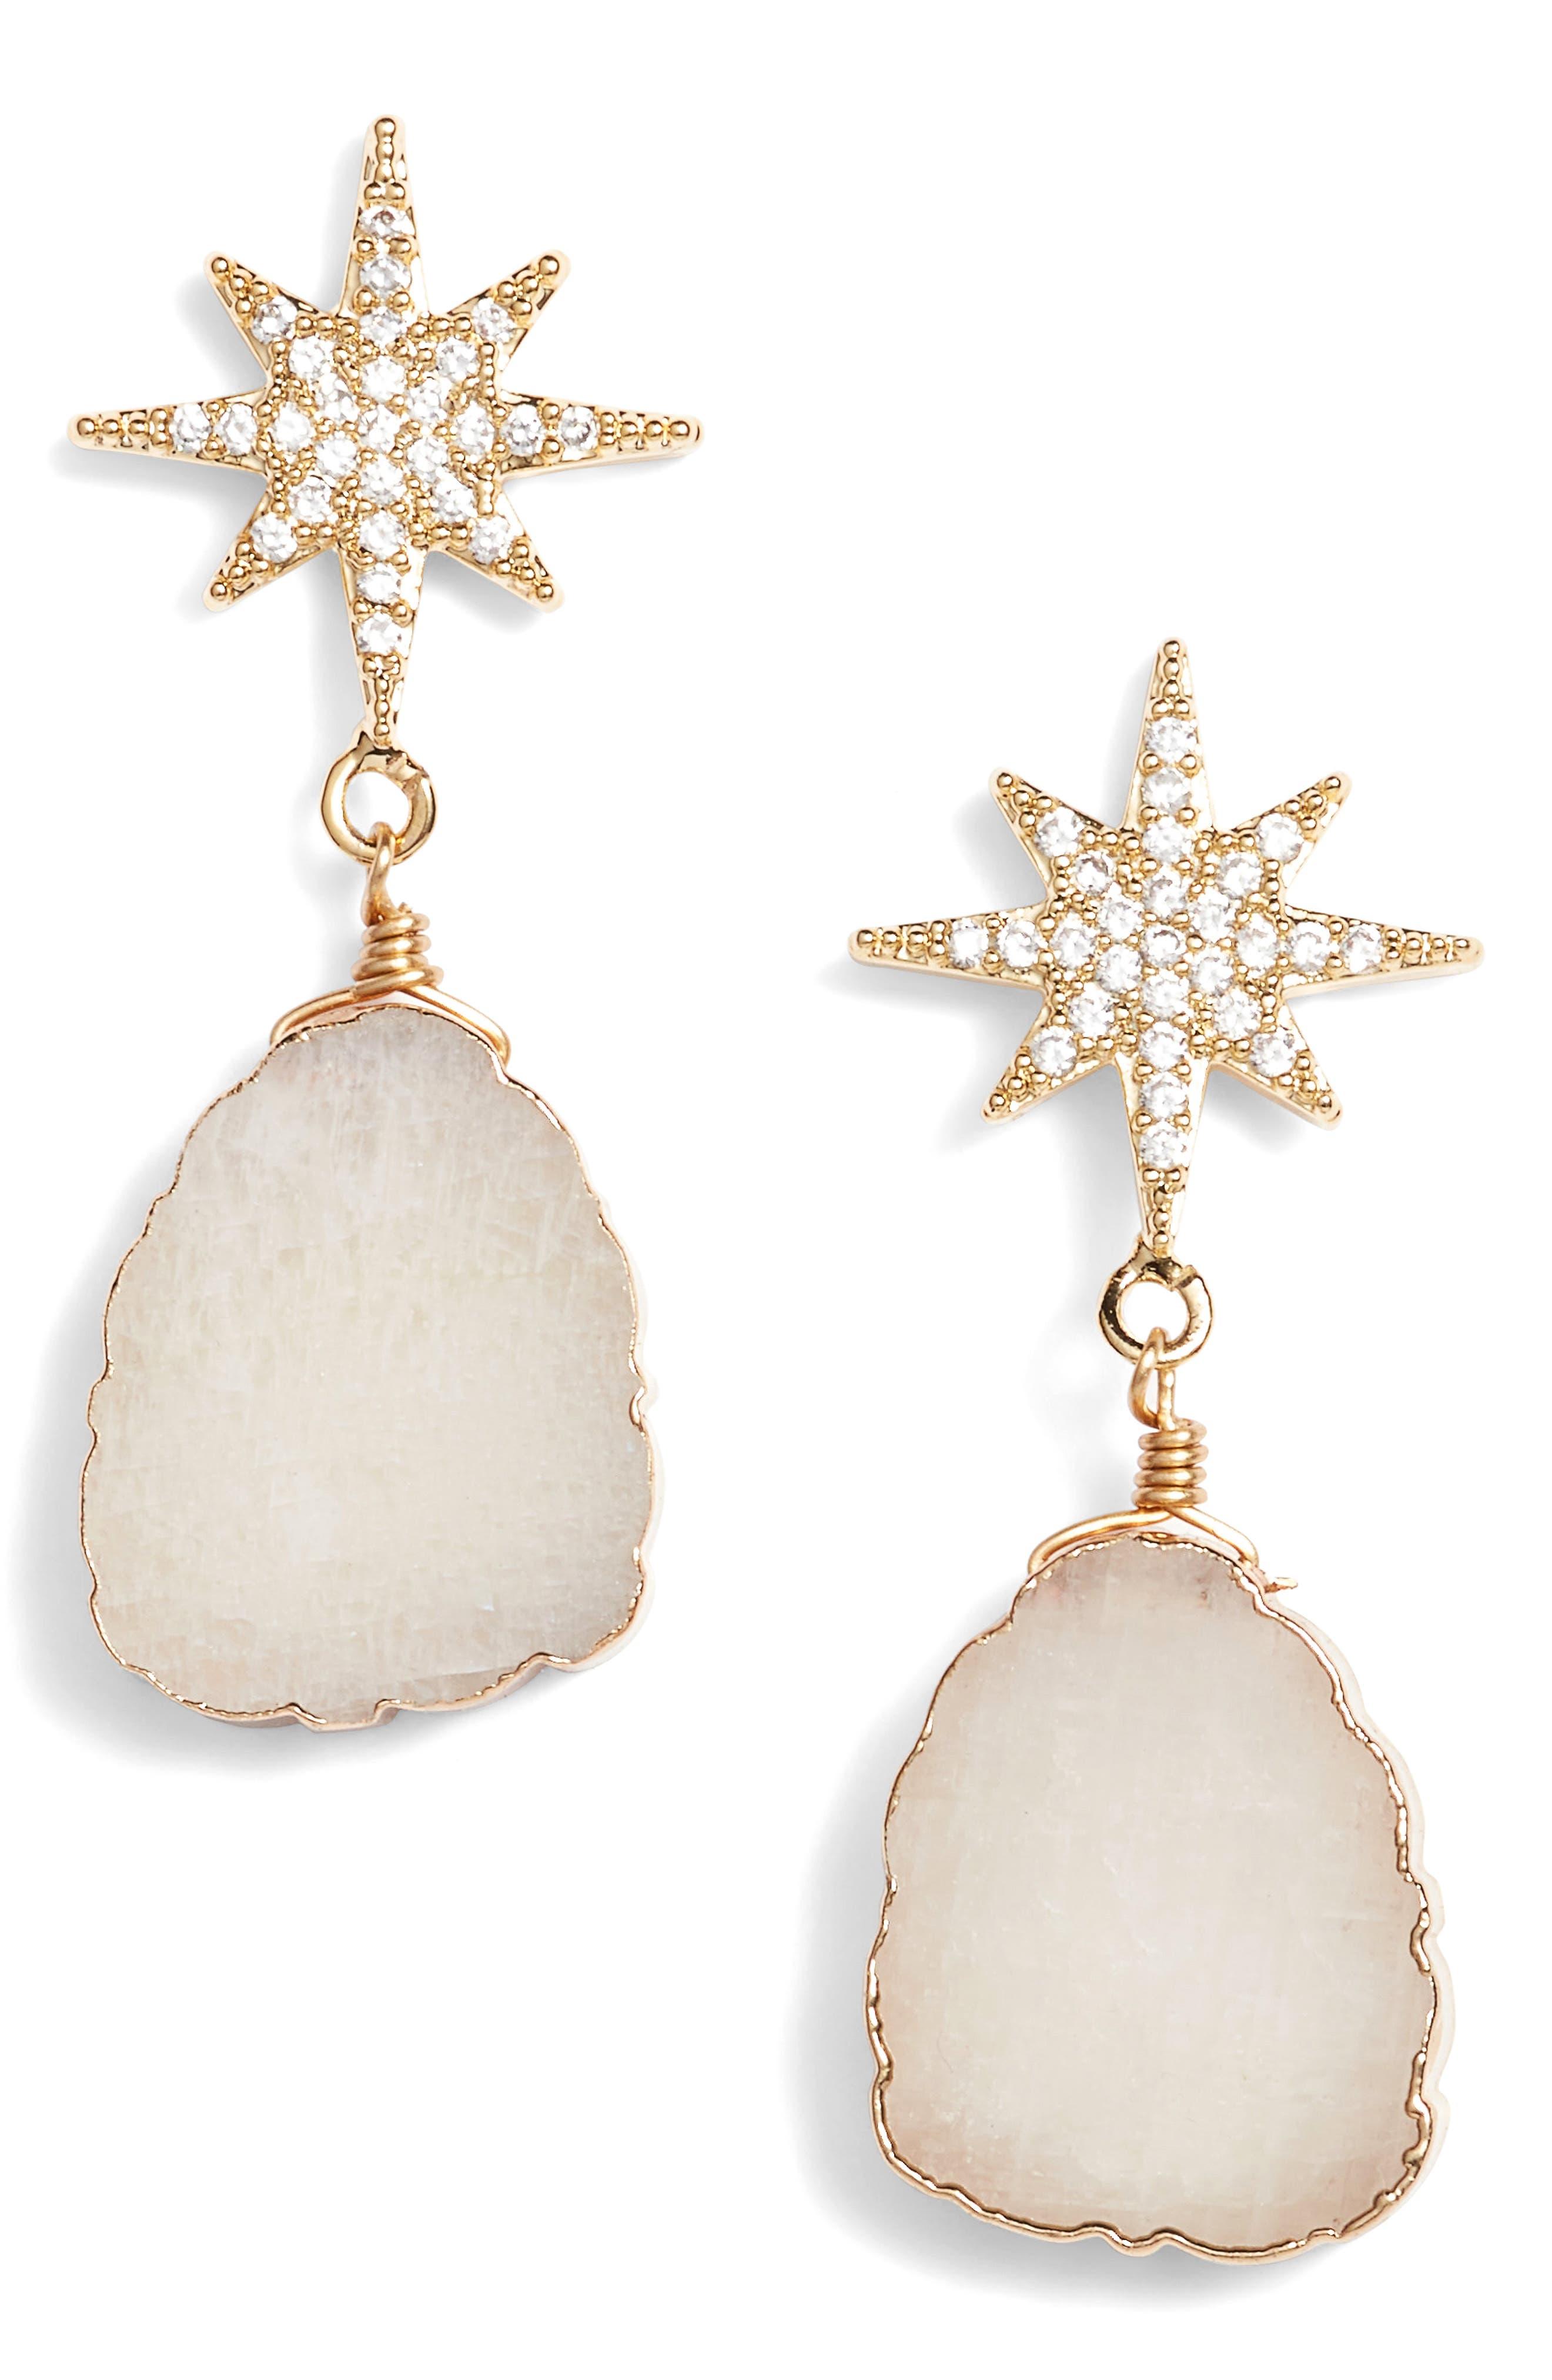 Starburst Slice Earrings,                             Main thumbnail 1, color,                             Gold/ White